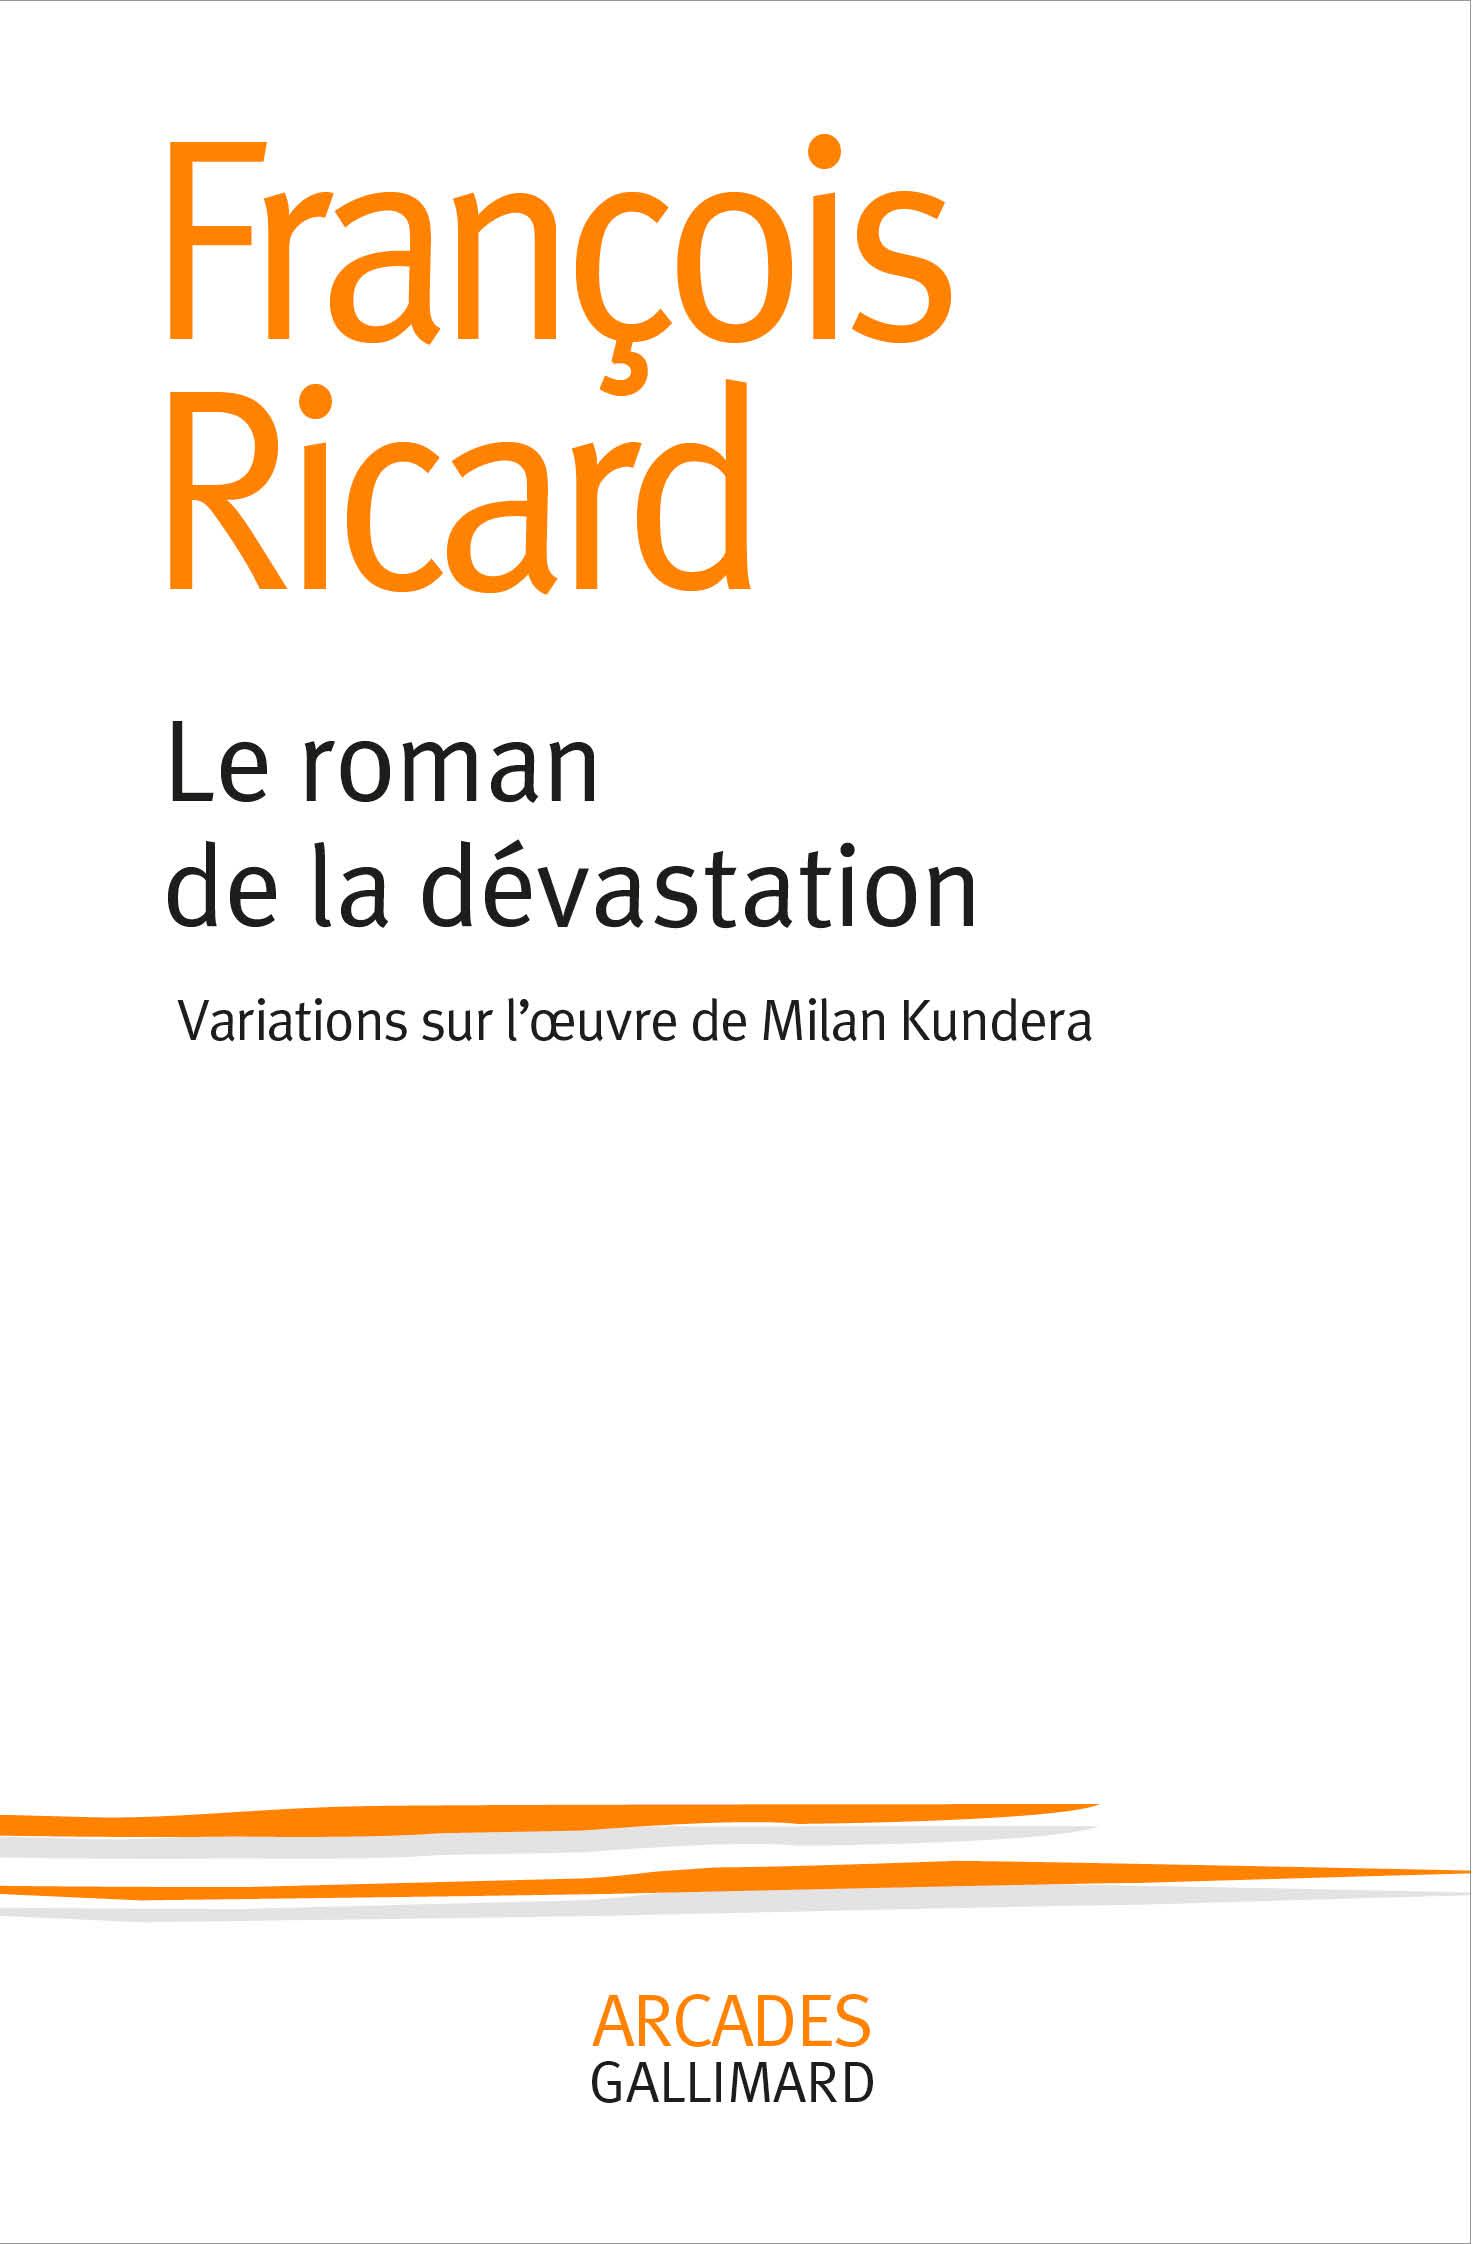 F. Ricard, Le roman de la dévastation. Variations sur l'œuvre de Milan Kundera